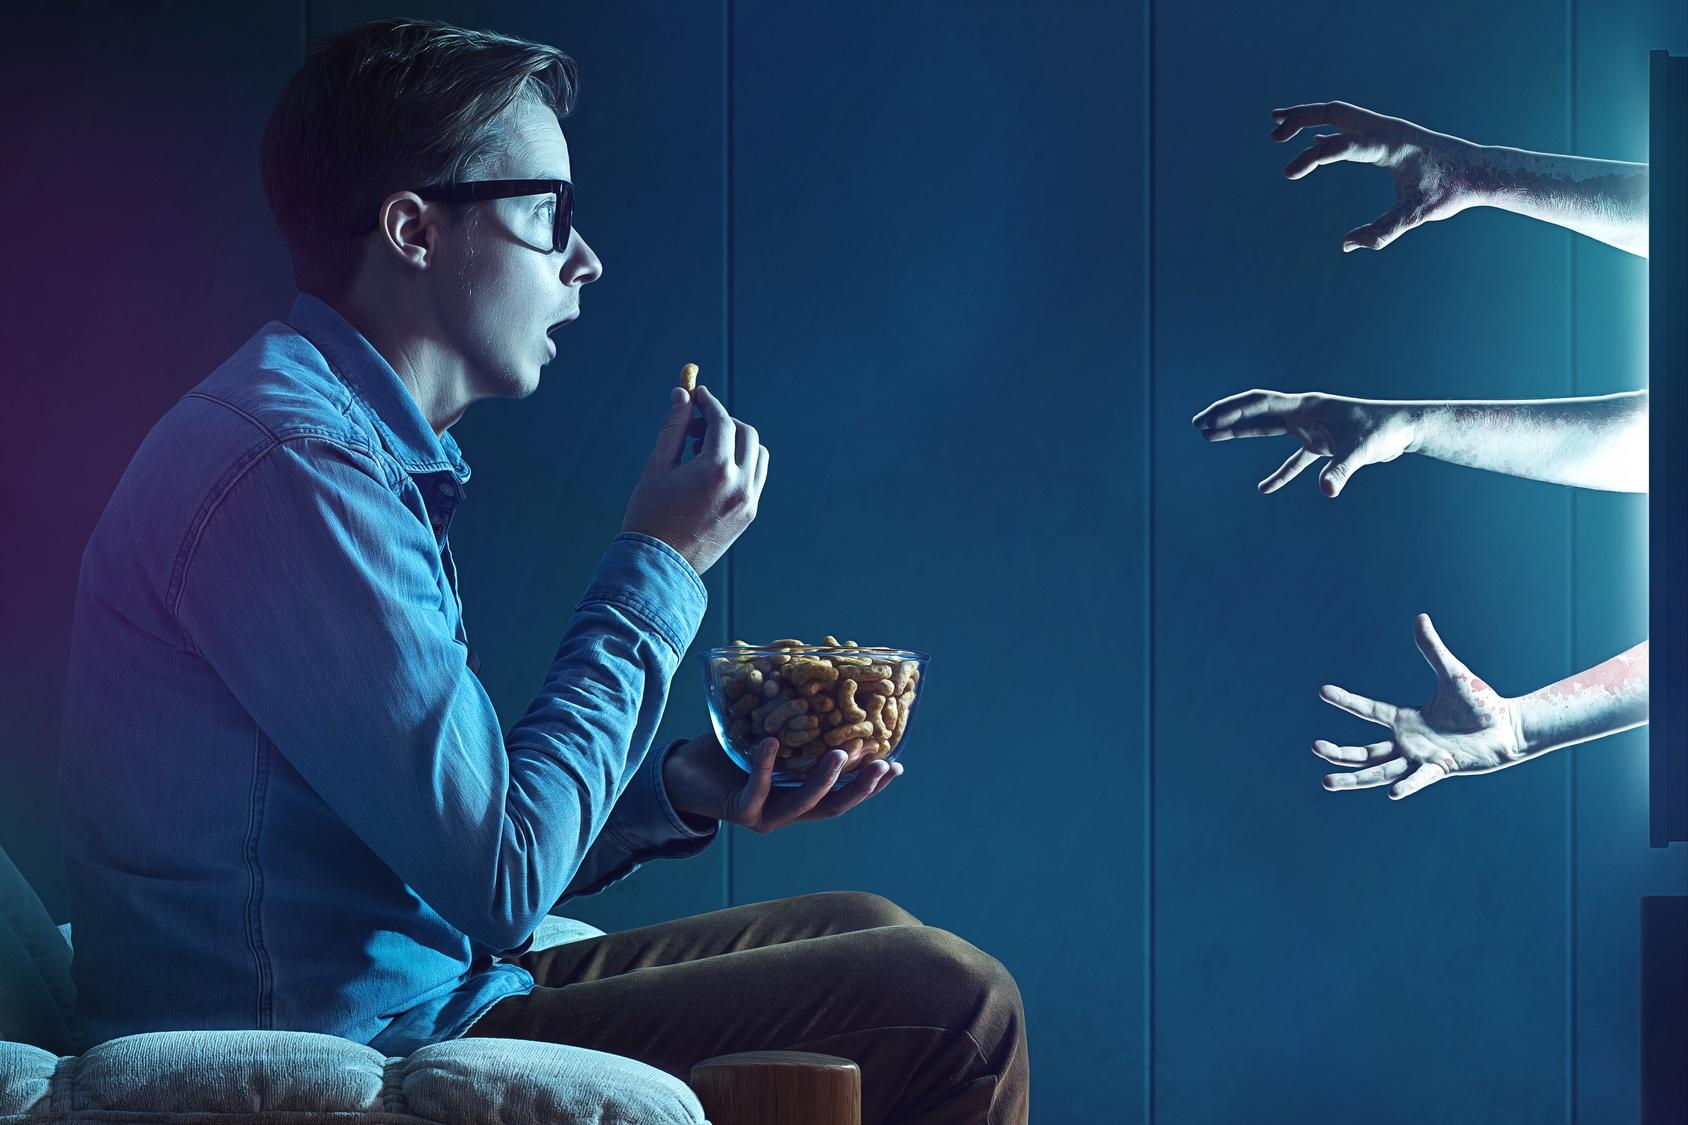 Что посмотреть после «Игры Престолов»? «Топ 10» самых ожидаемых сериалов